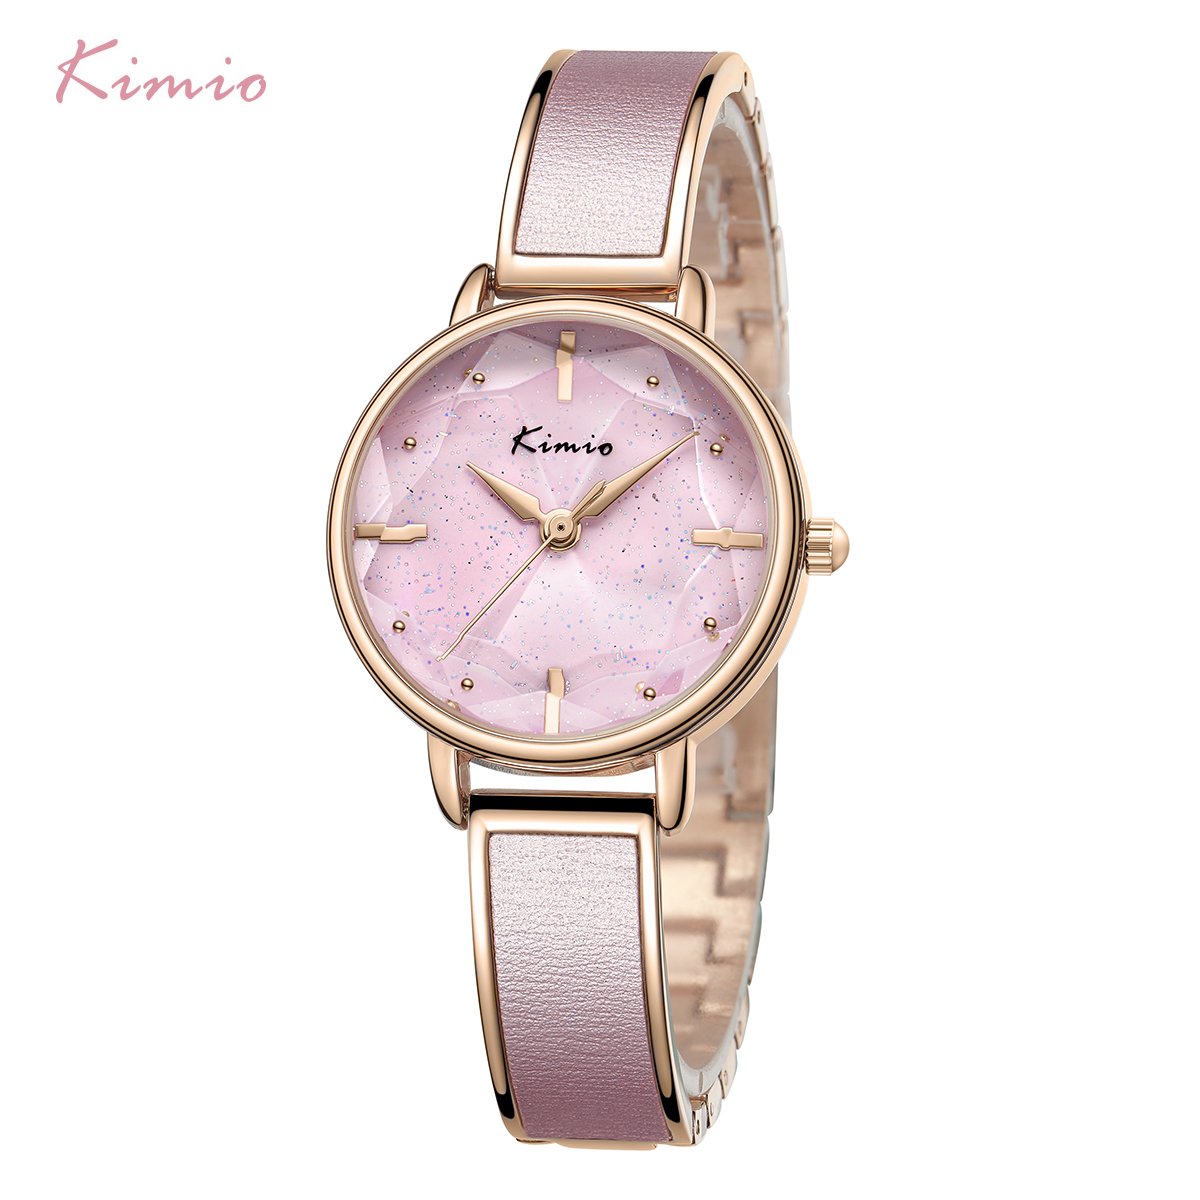 Kimio 브랜드 팔찌 시계 여성 고급 숙녀 쿼츠 시계 여성 캐주얼 방수 시계 시계 빅 다이얼 2019 봄 새로운-에서여성용 시계부터 시계 의  그룹 2